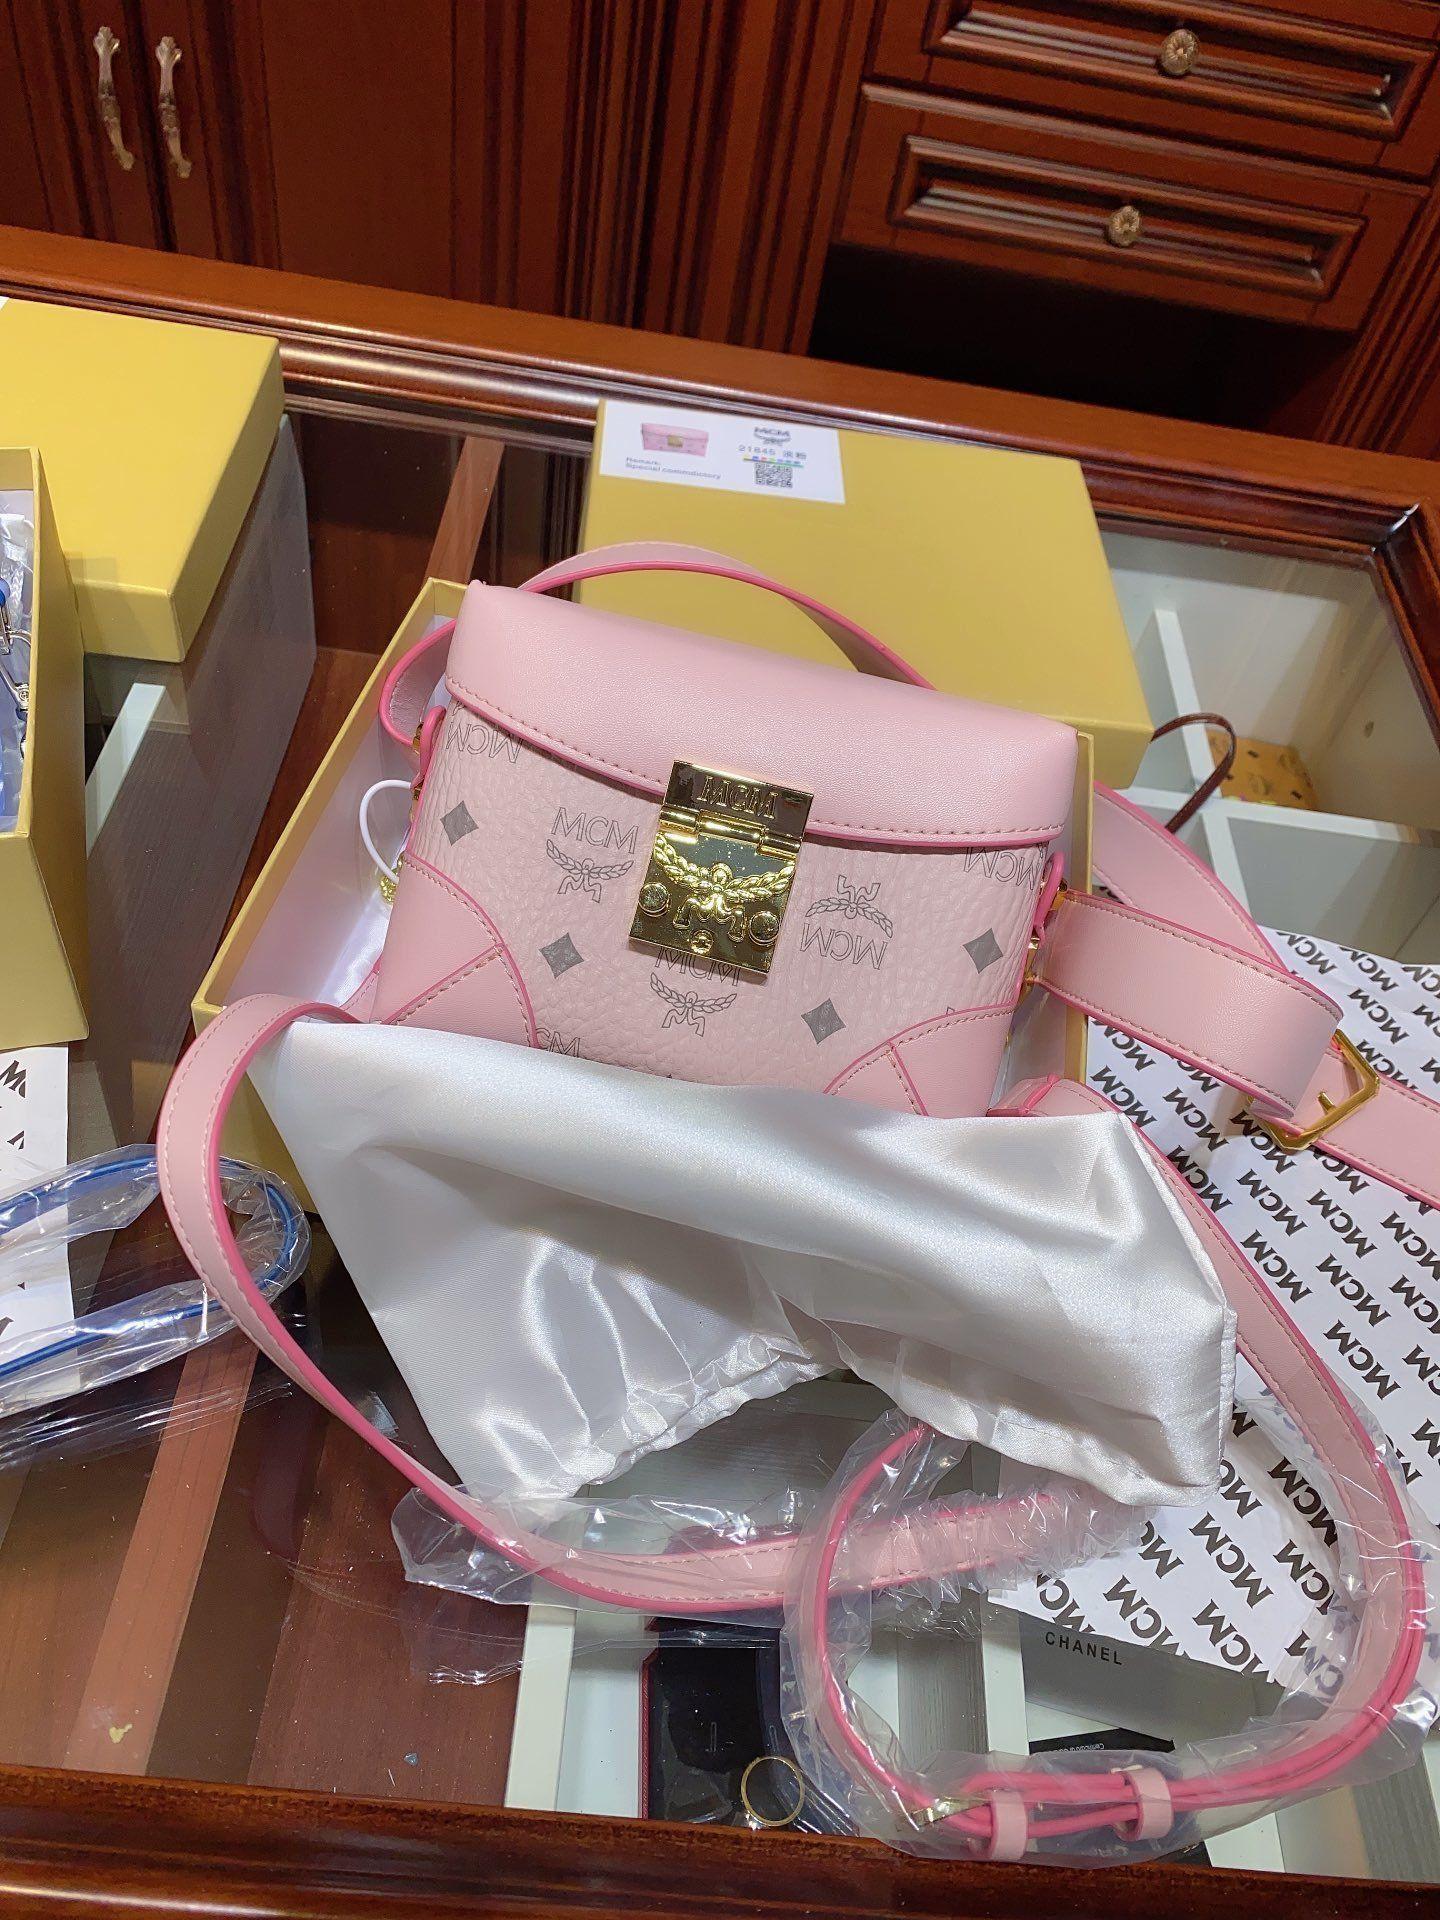 playa diseñador bolsas bolsas bolsas de los bolsos mujeres de hombro libres del envío nuevo al por mayor la mejor venta favorita hermosa 9ZLR Partido